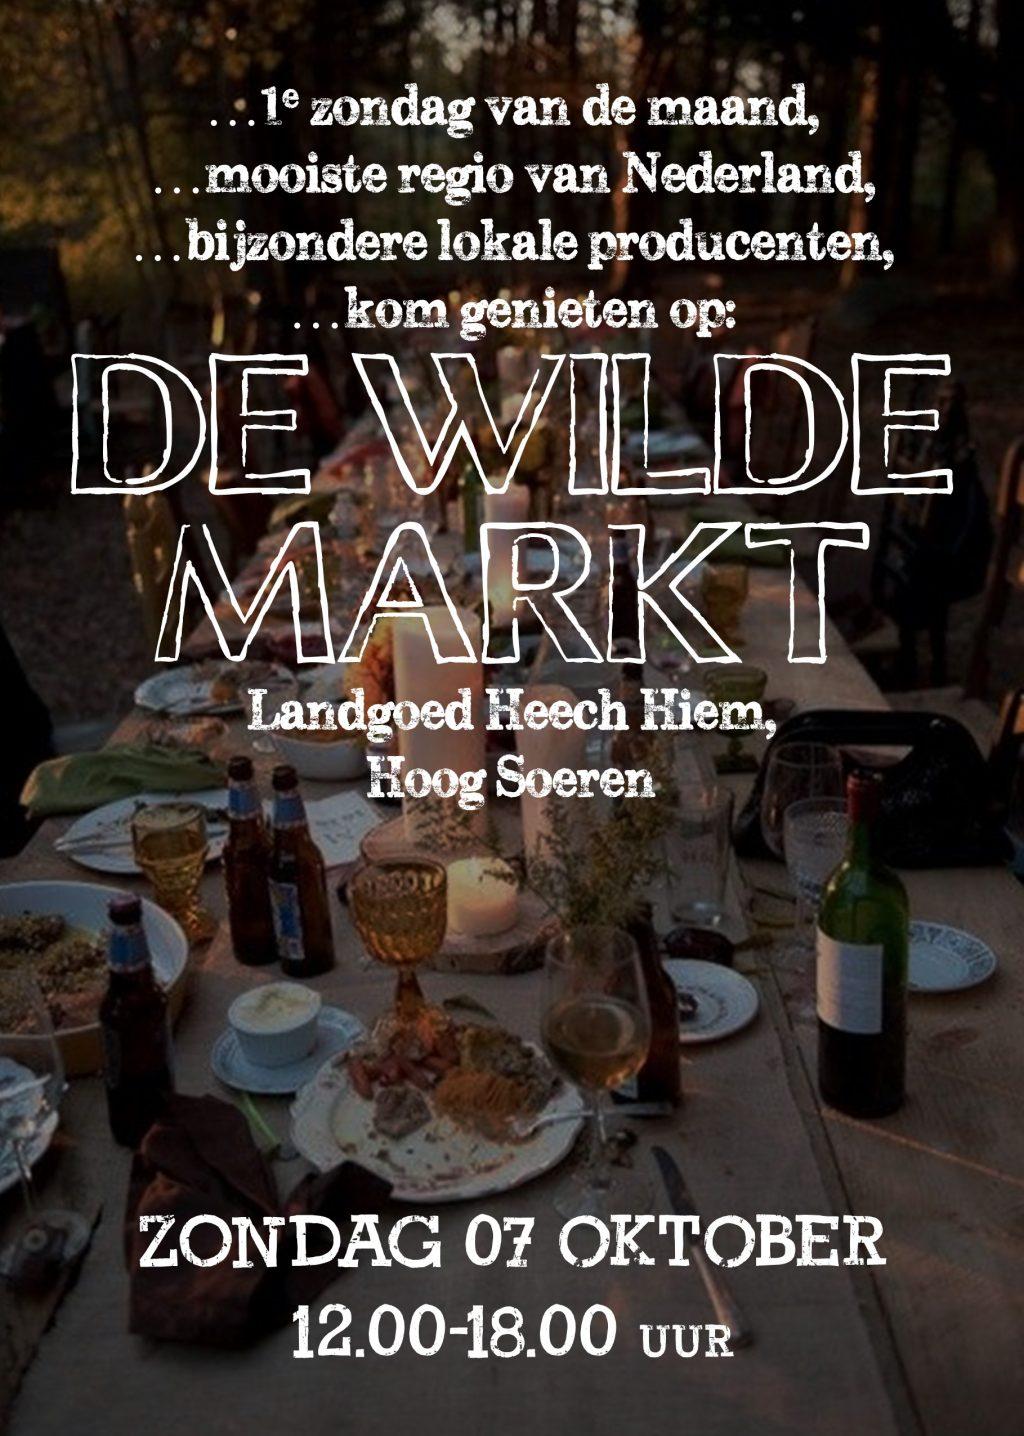 Nieuw: De wilde markt